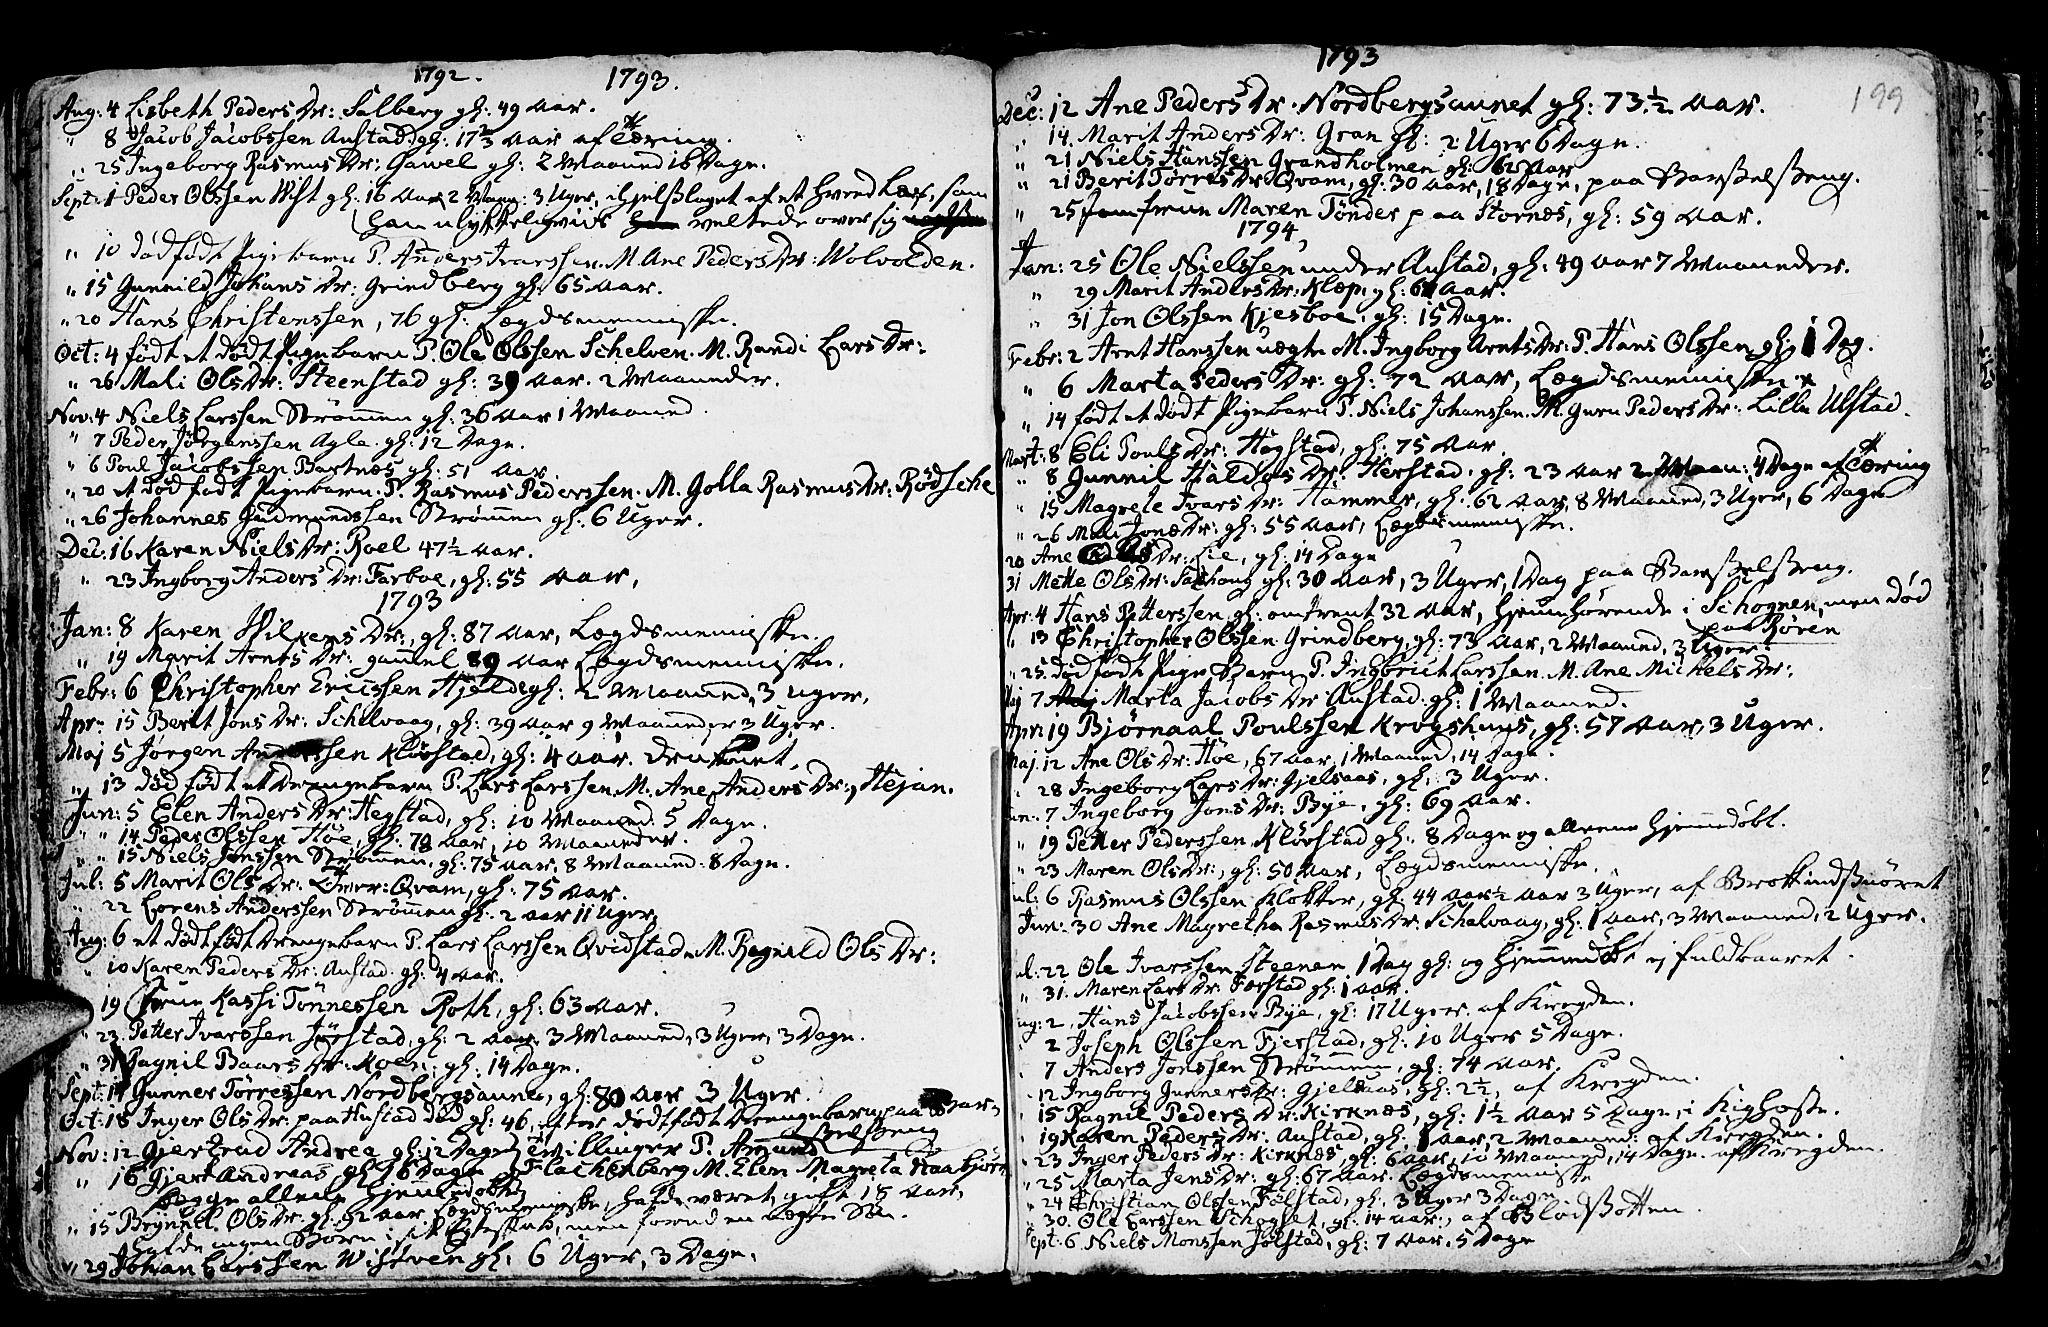 SAT, Ministerialprotokoller, klokkerbøker og fødselsregistre - Nord-Trøndelag, 730/L0273: Ministerialbok nr. 730A02, 1762-1802, s. 199